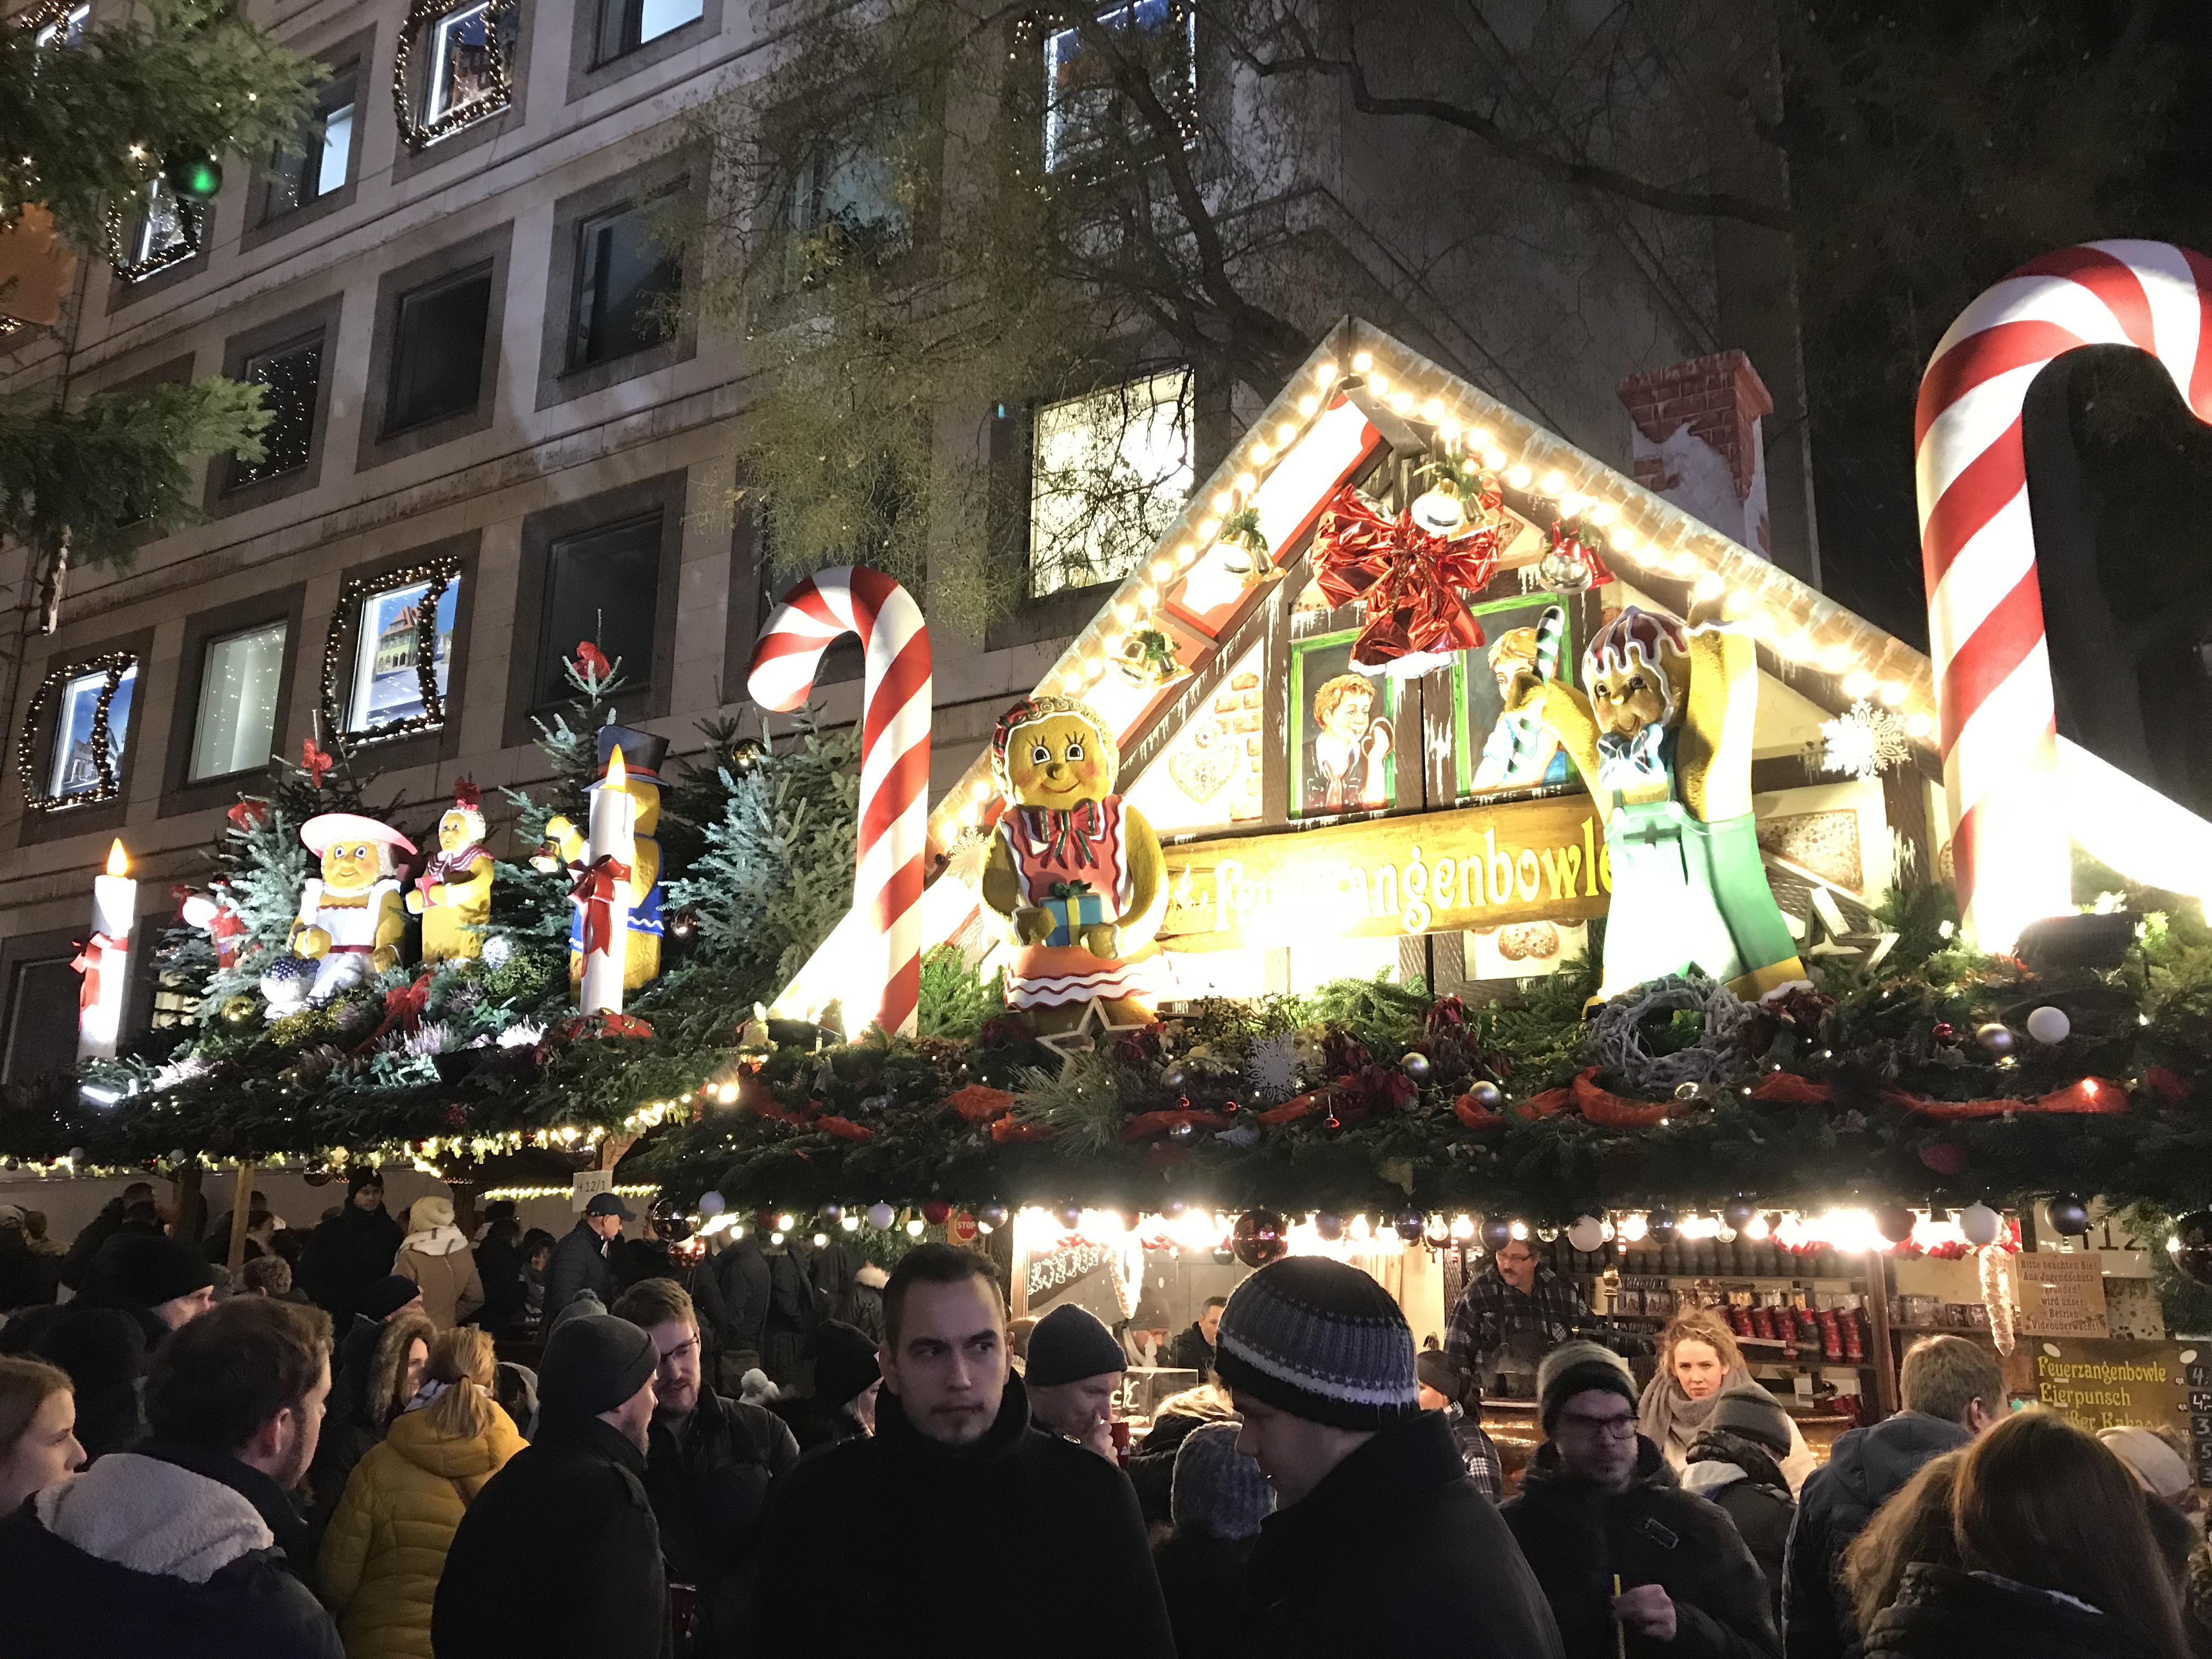 シュツットガルトクリスマスマーケット